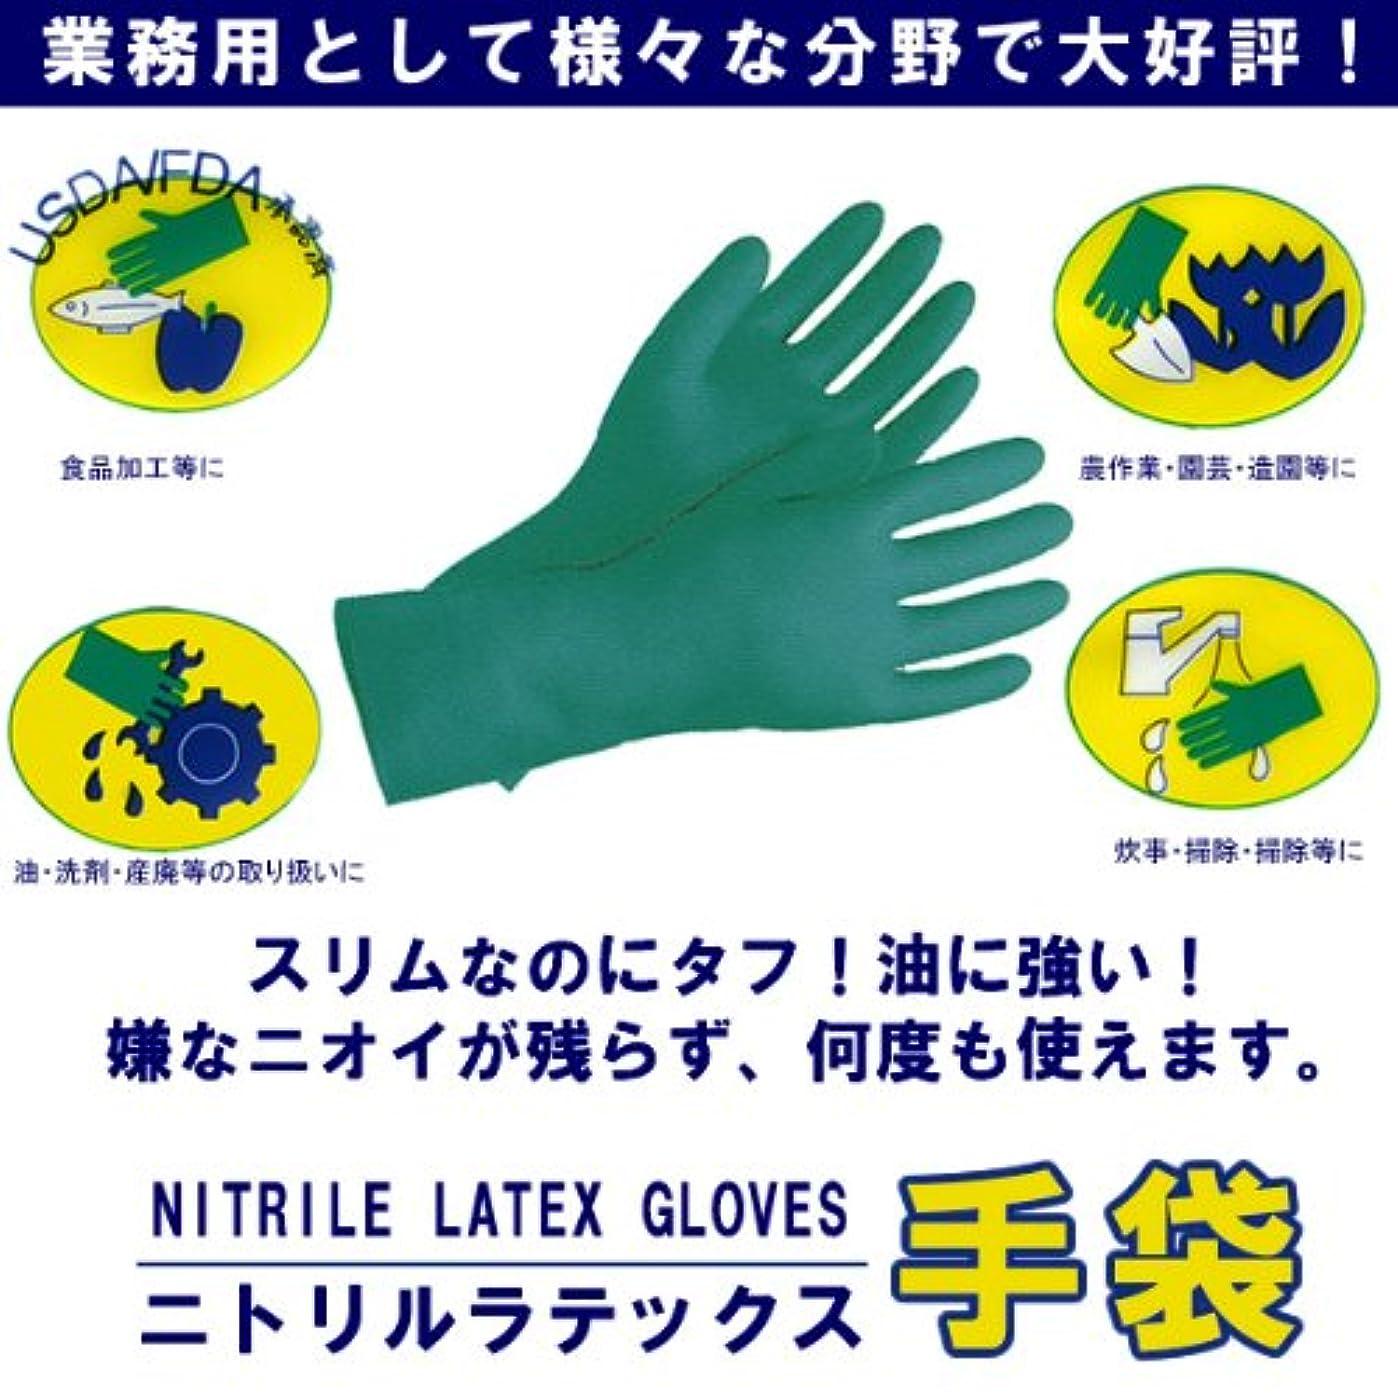 看板けがをする豚ニトリルラテックス手袋 Mサイズ